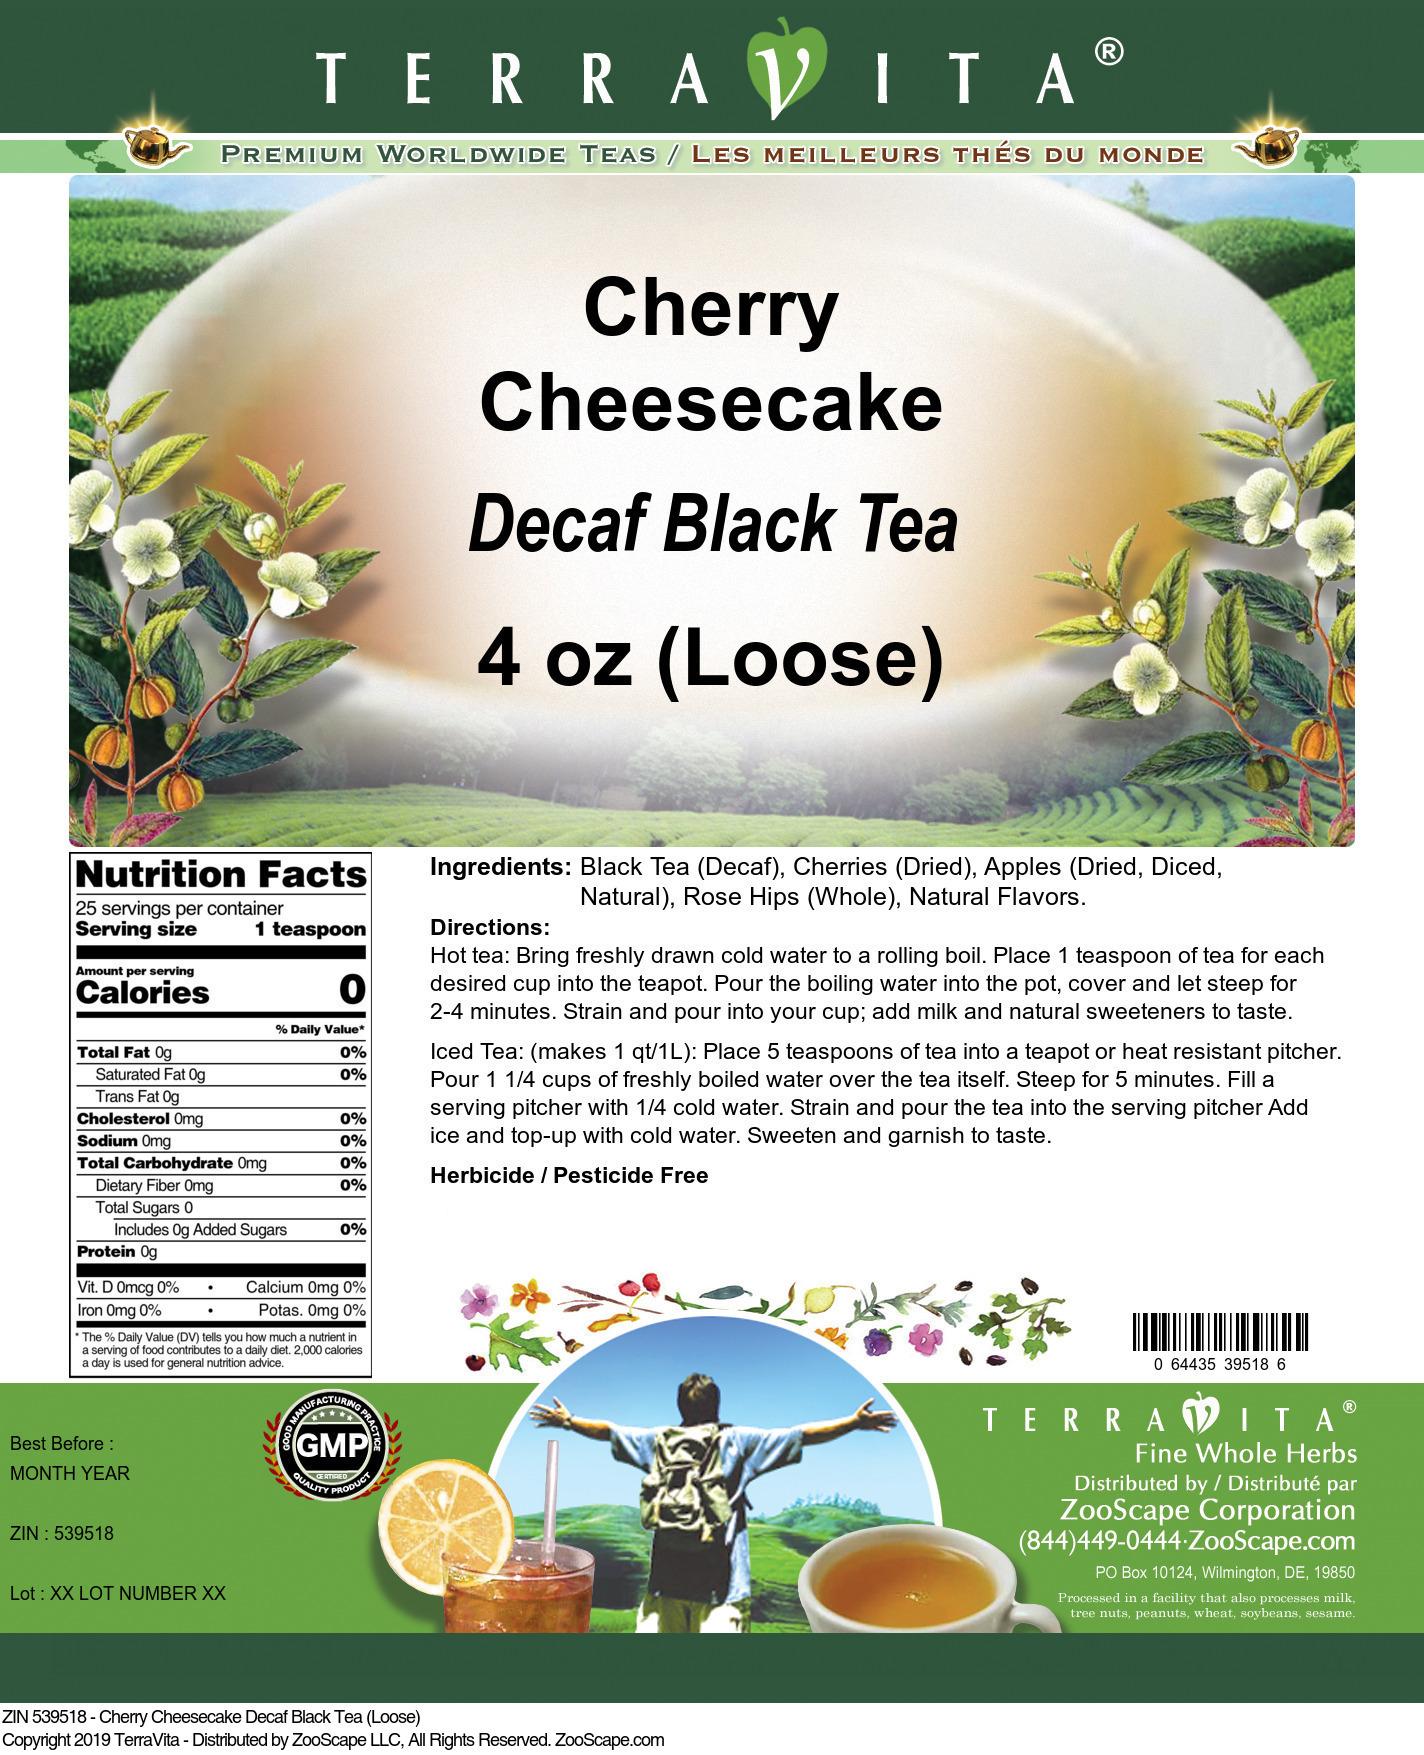 Cherry Cheesecake Decaf Black Tea